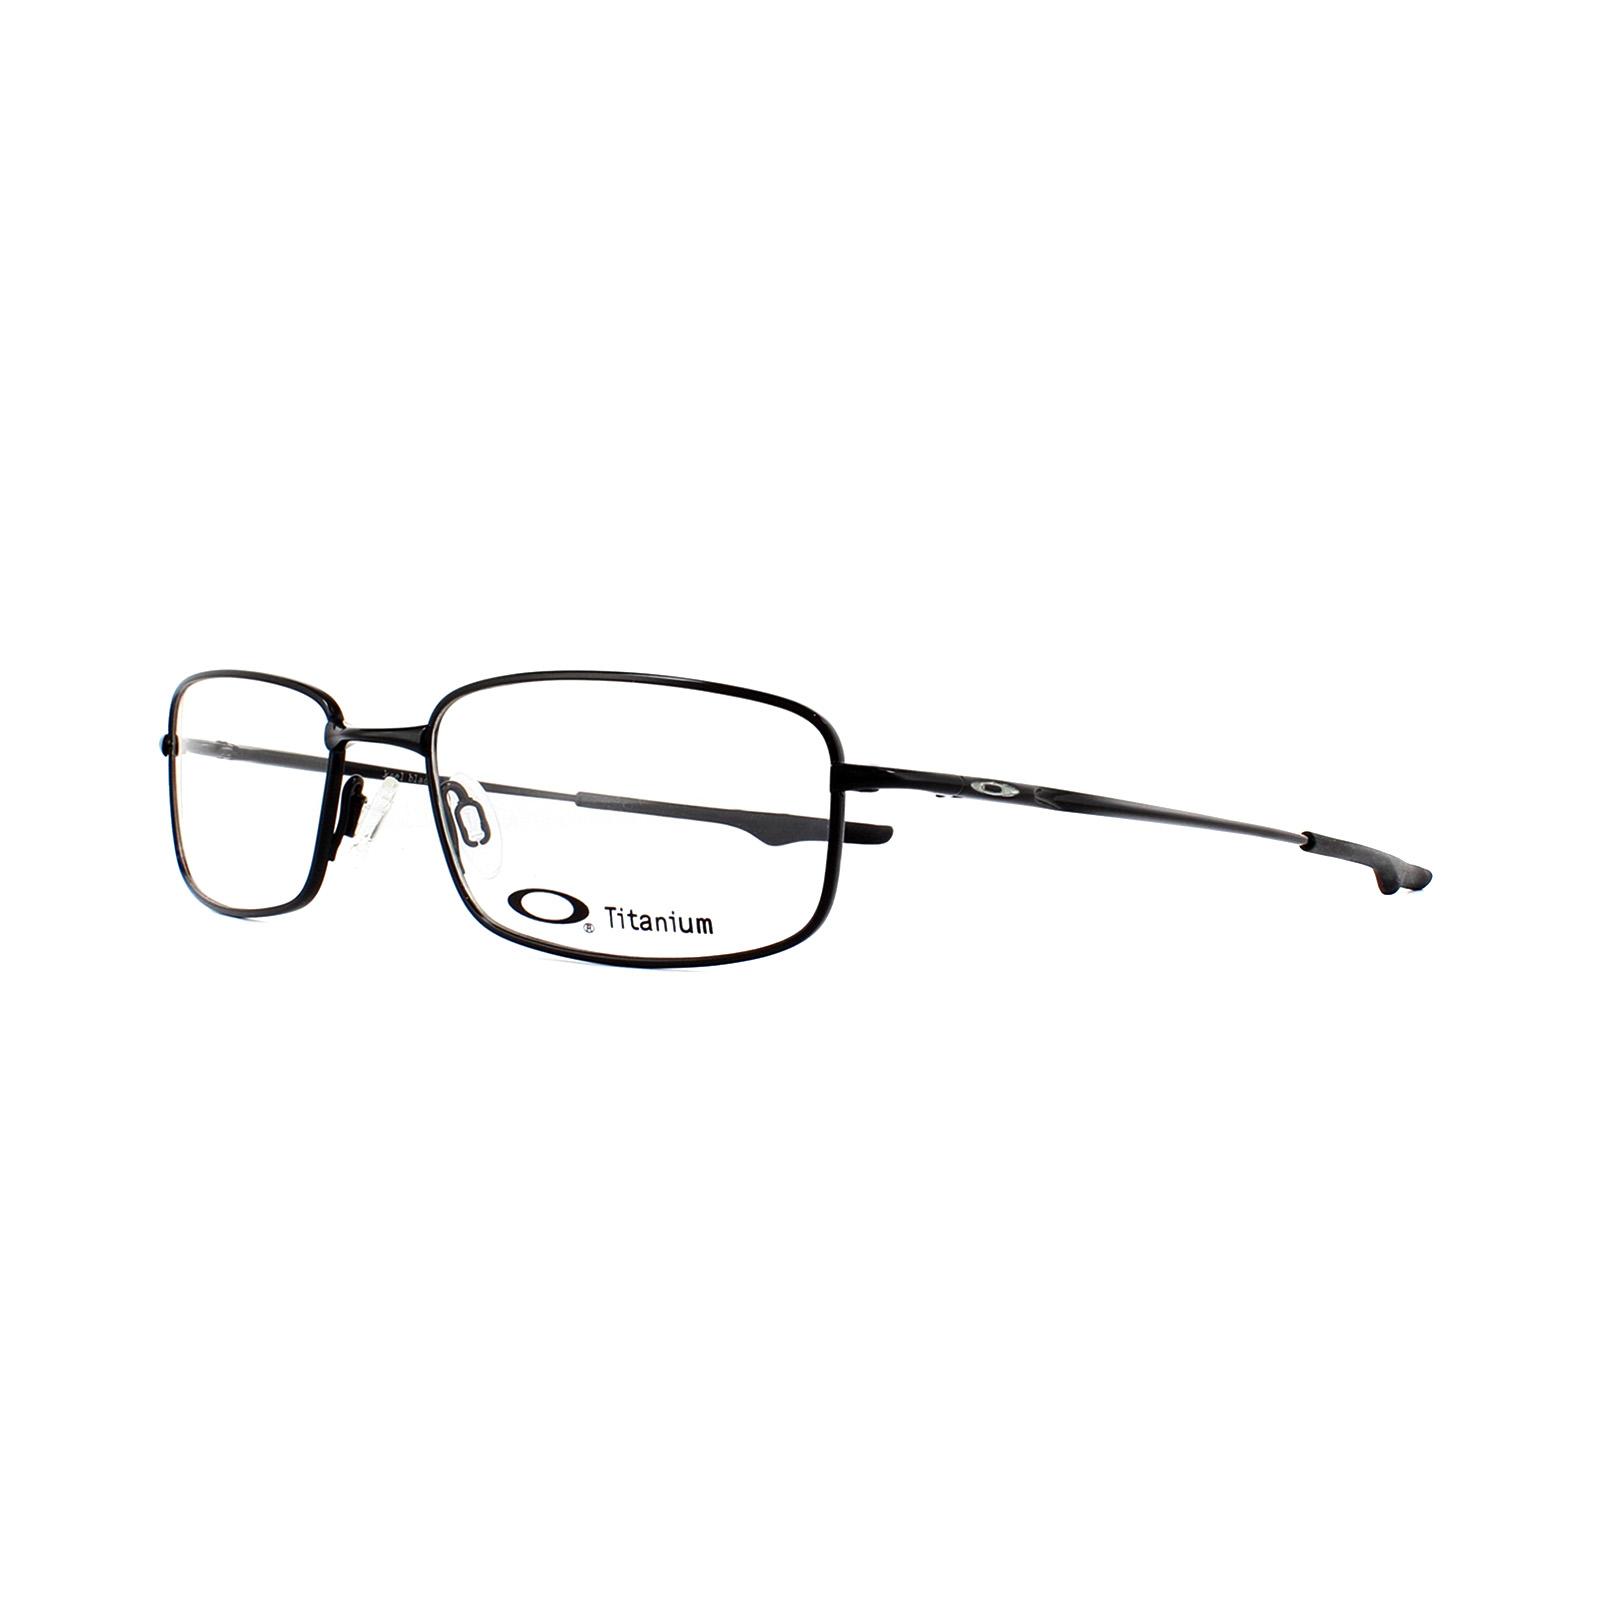 5d3abacf26 Sentinel Oakley Glasses Frames Keel Blade OX3125-01 Polished Black 53mm Mens